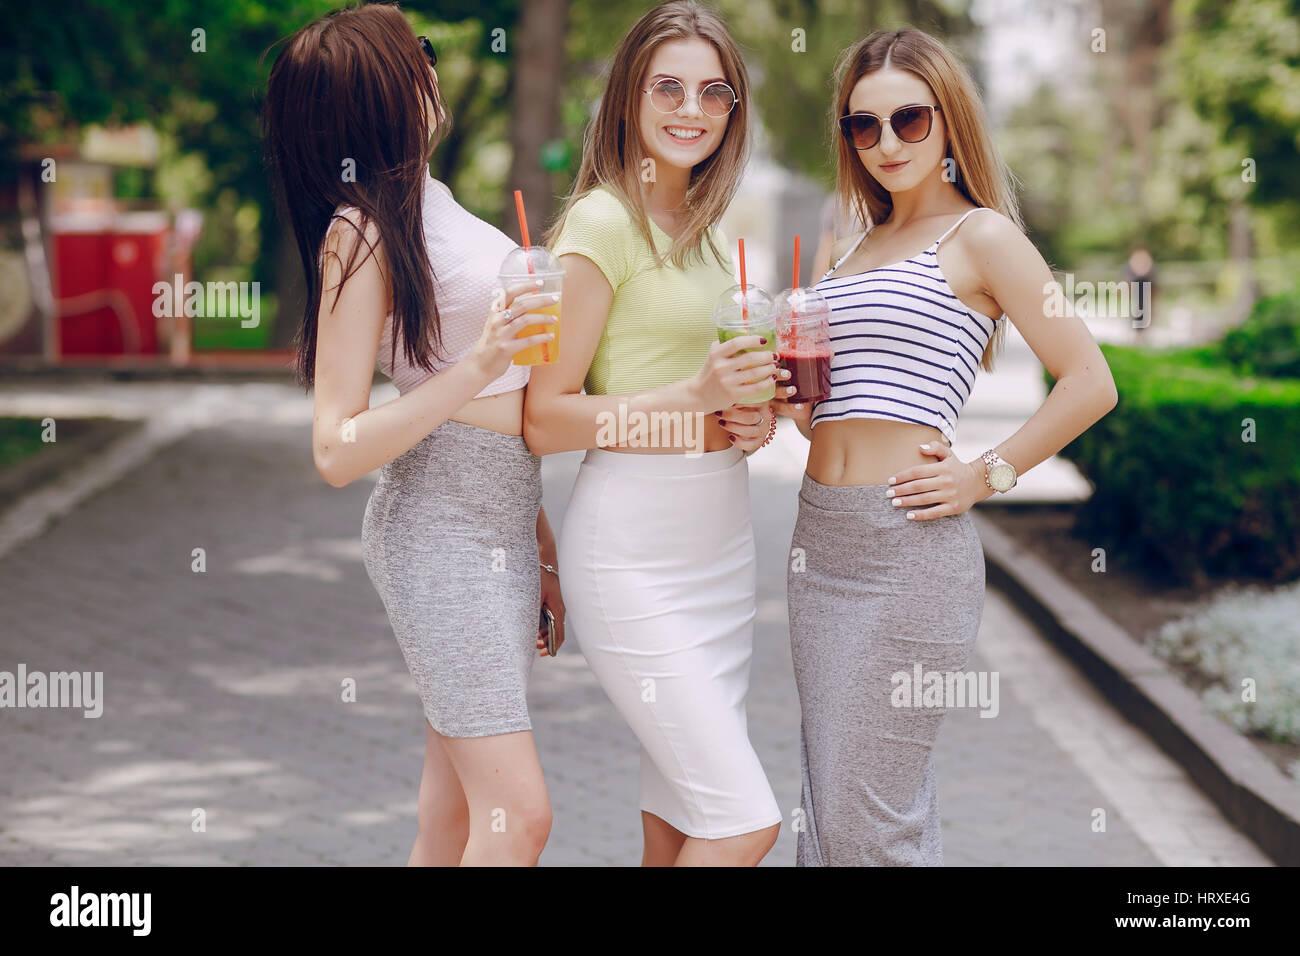 Tres jvenes modelos estn caminando alrededor de la ciudad en un tres jvenes modelos estn caminando alrededor de la ciudad en un da caluroso de verano altavistaventures Image collections